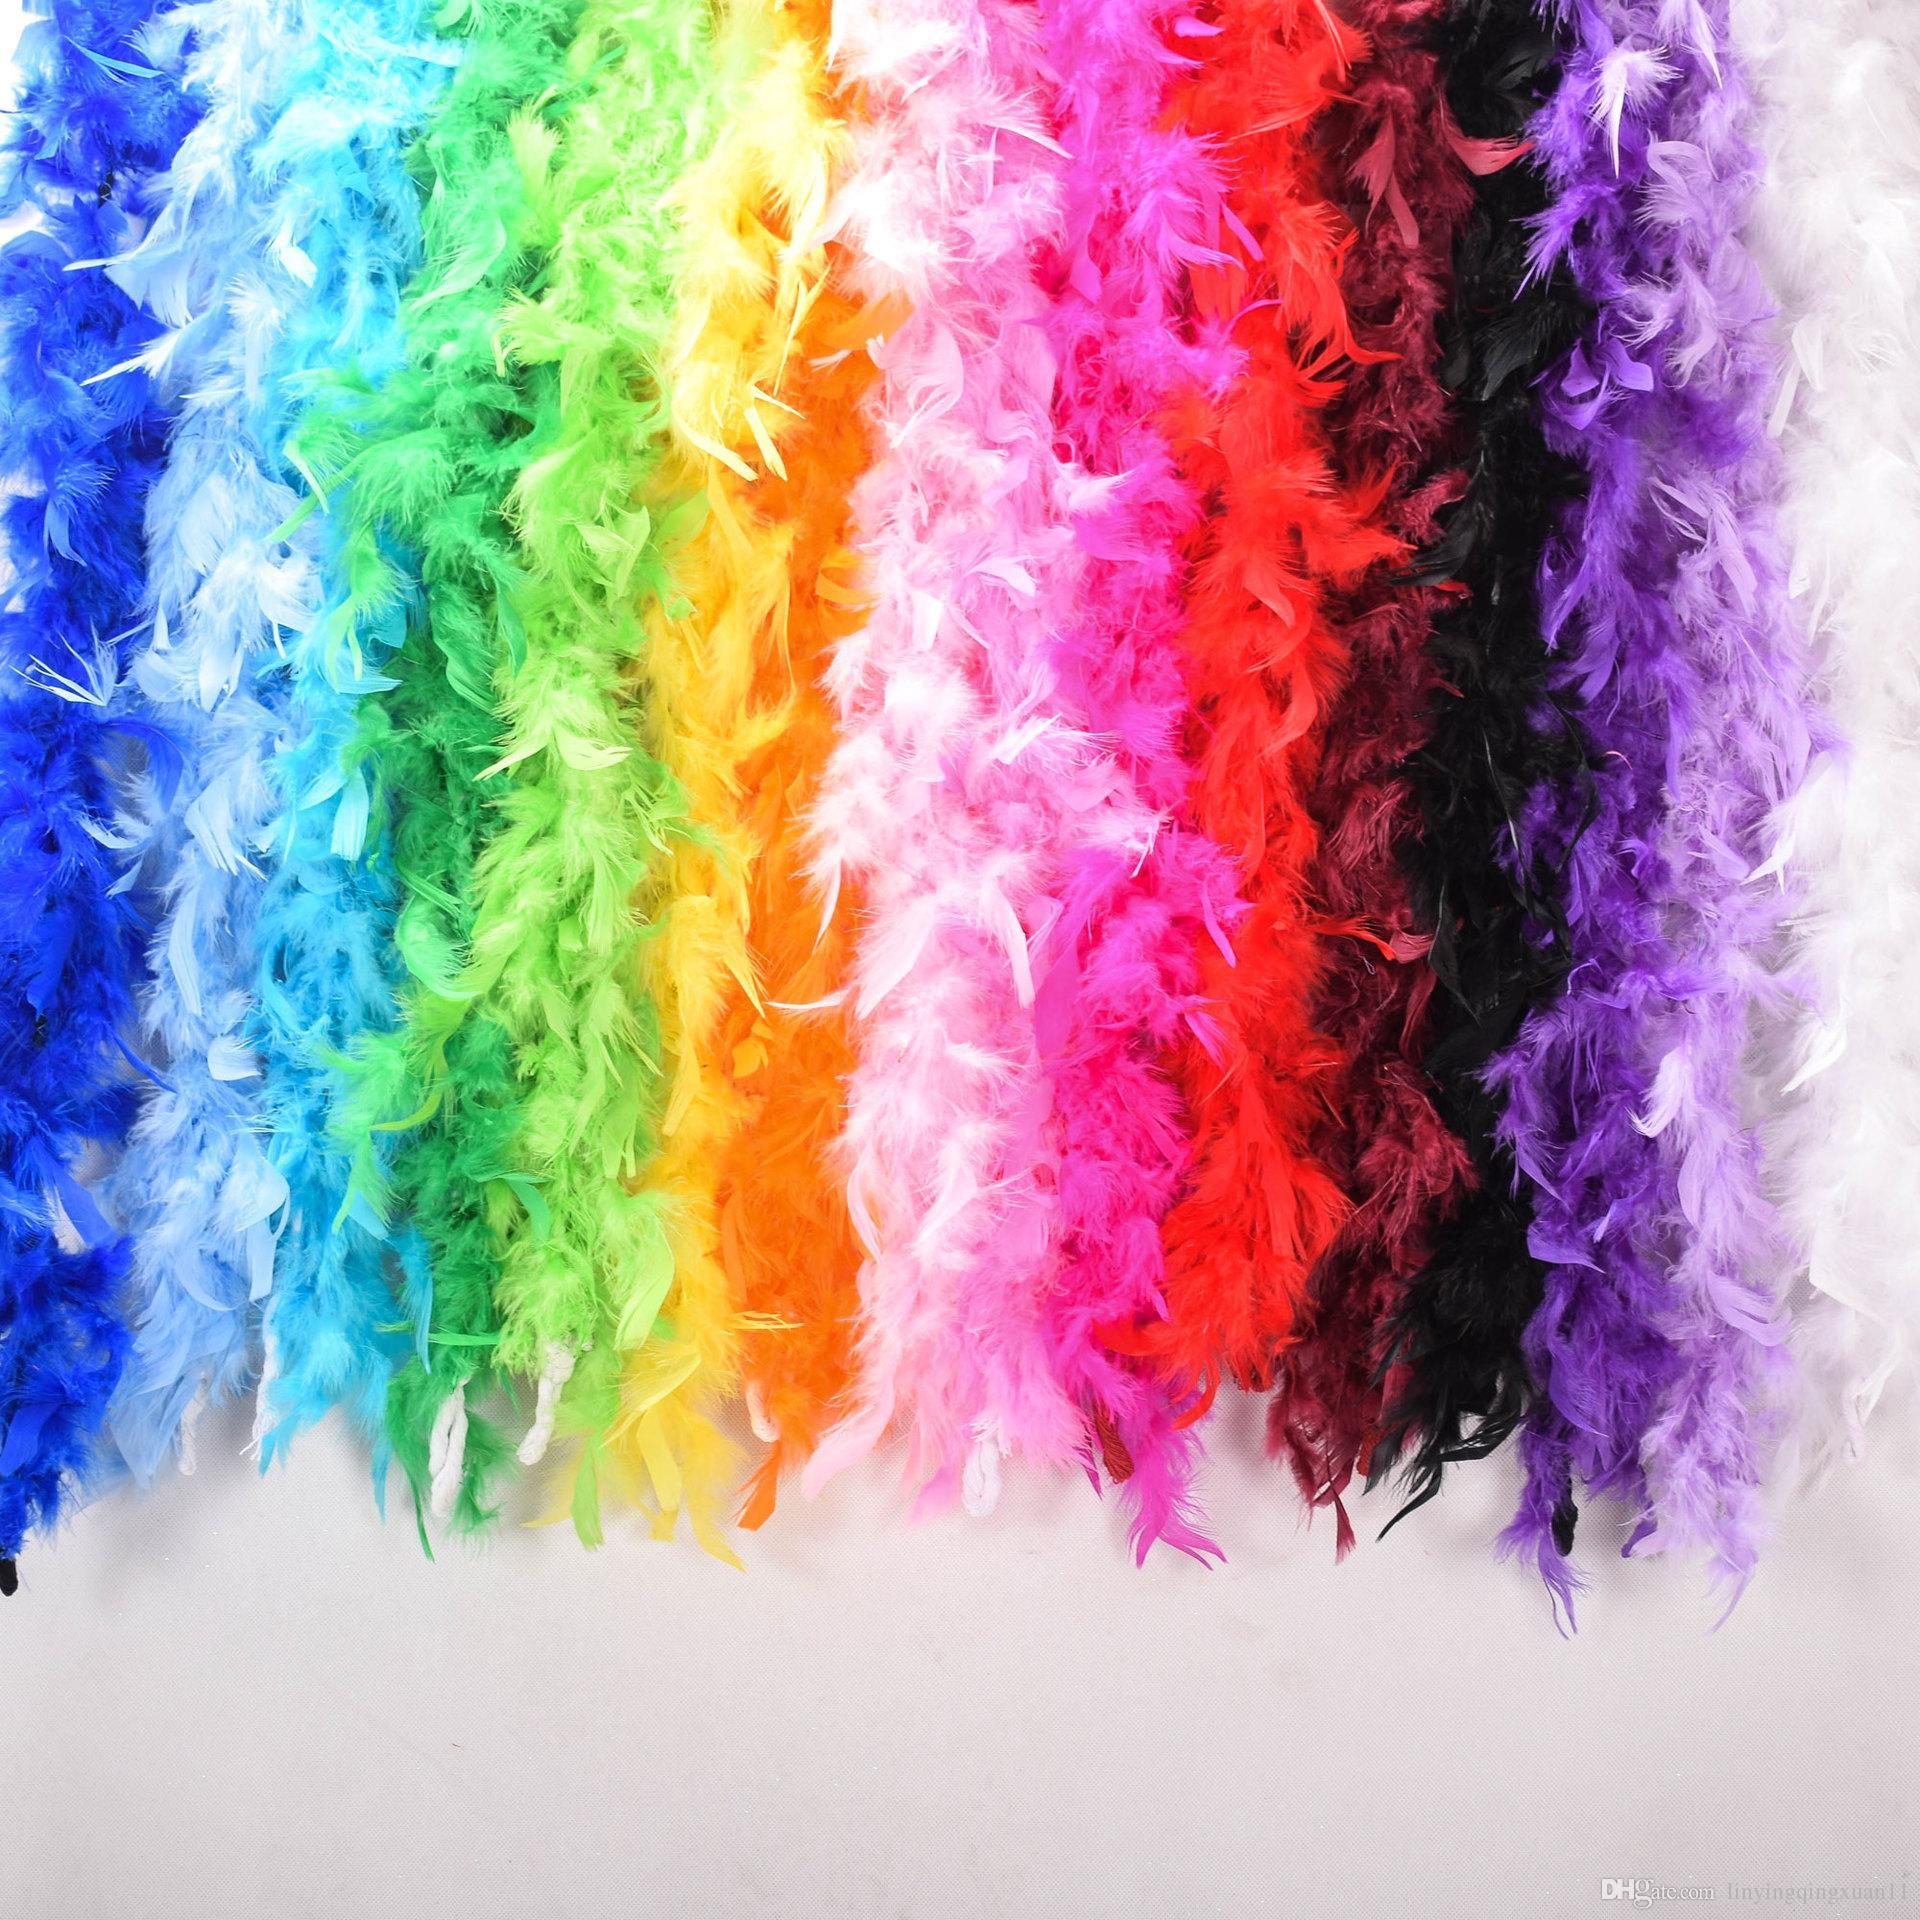 2 yards / Accessori abbigliamento Turchia Feather Multi Color Strip Soffice Boa Happy Birthday Party Decorazioni di nozze Forniture